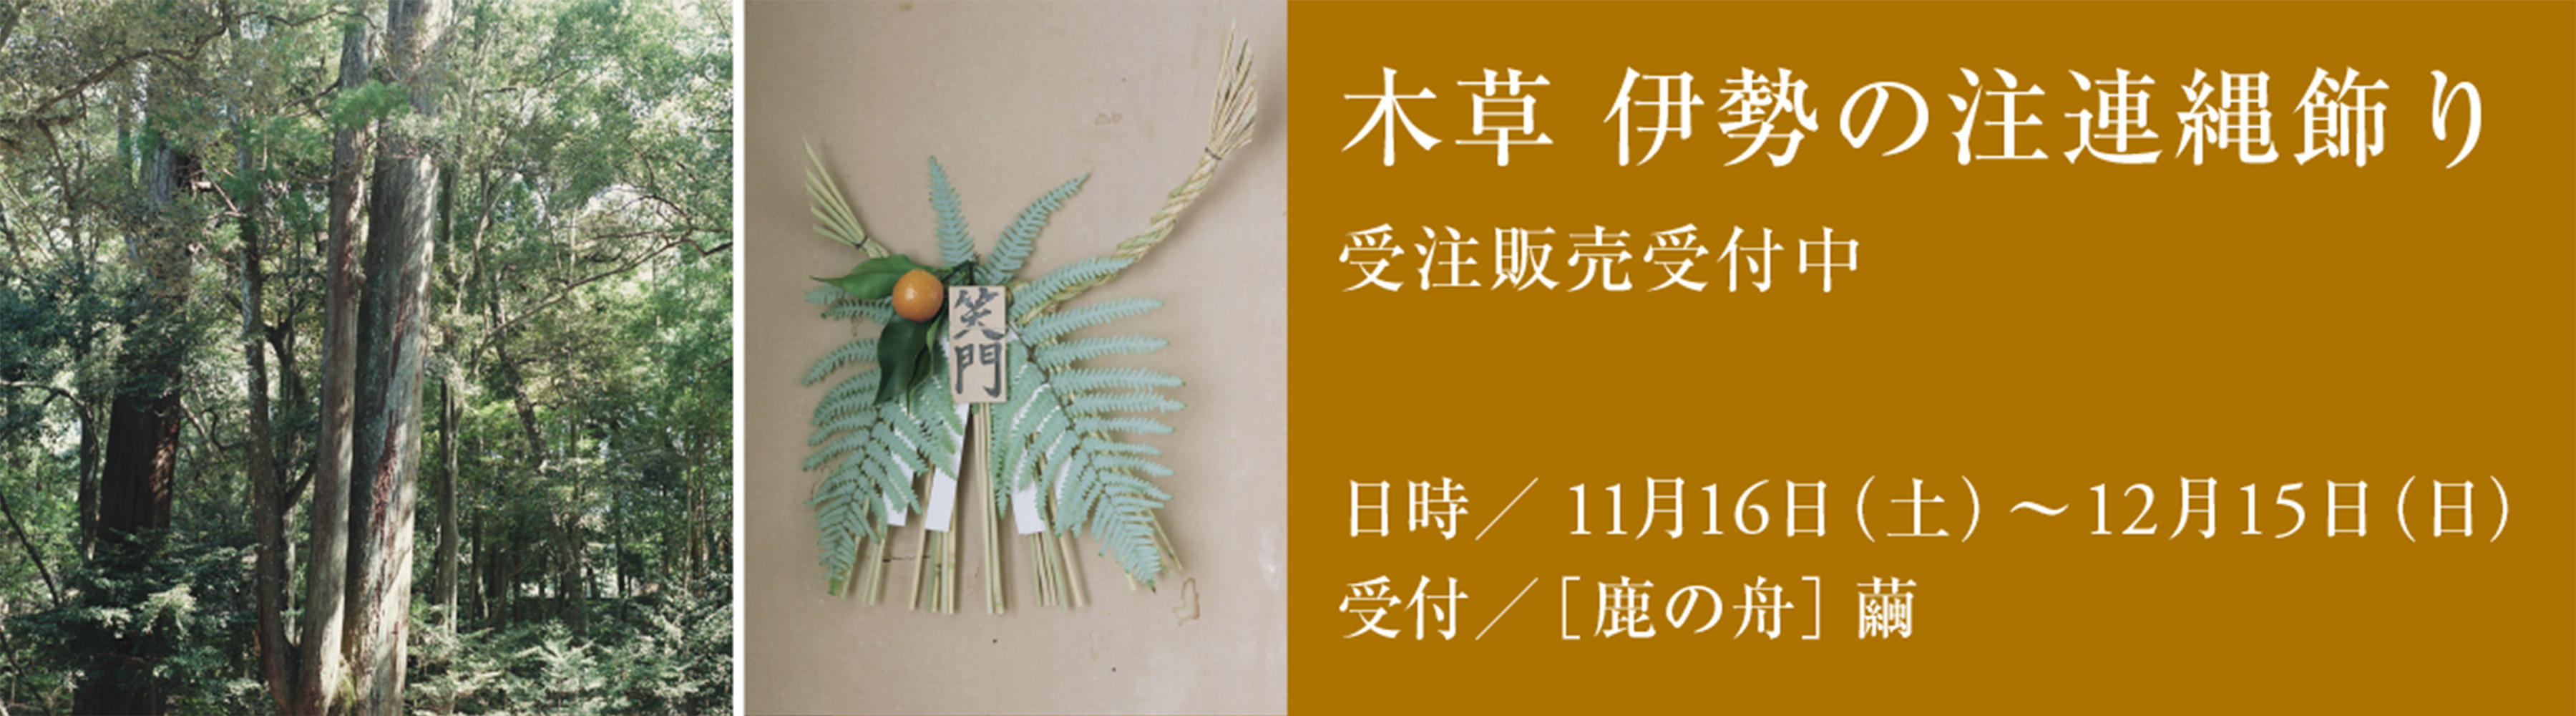 木草 お正月飾り受注販売